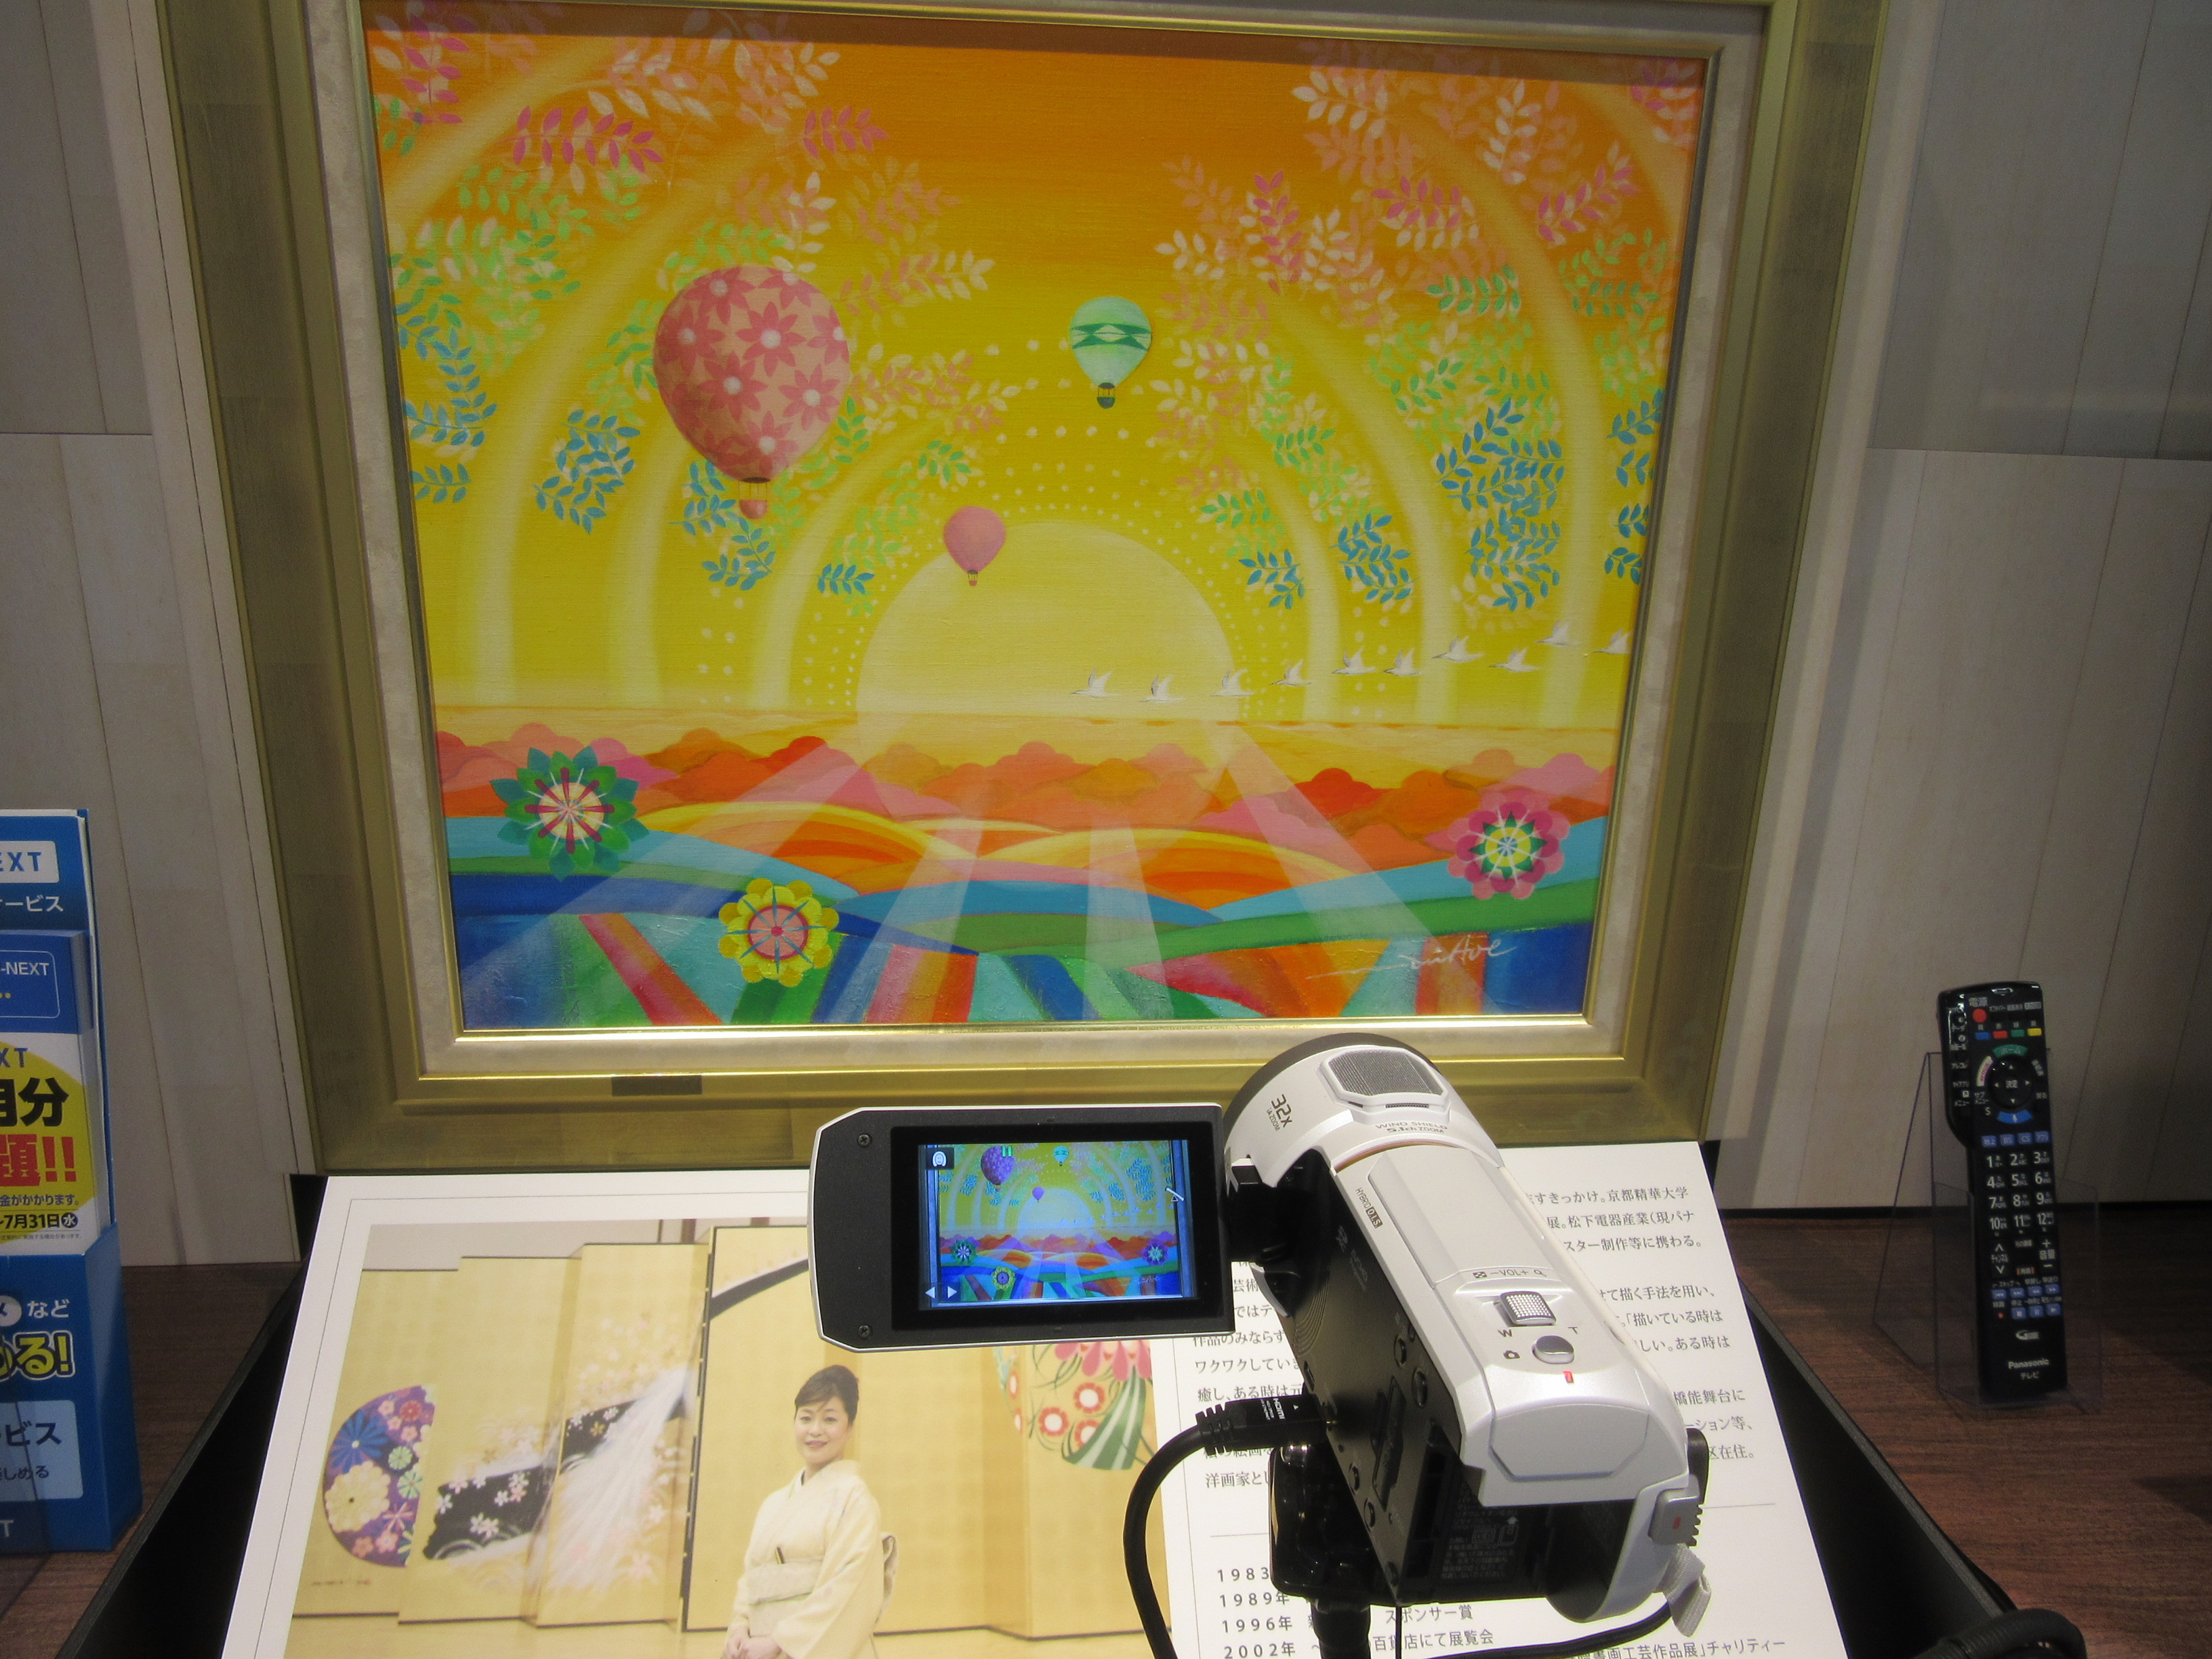 テレビの画質比較。絵画を中心に各社のテレビを配置し、その場で撮影している画像を投影して画質の比較ができる